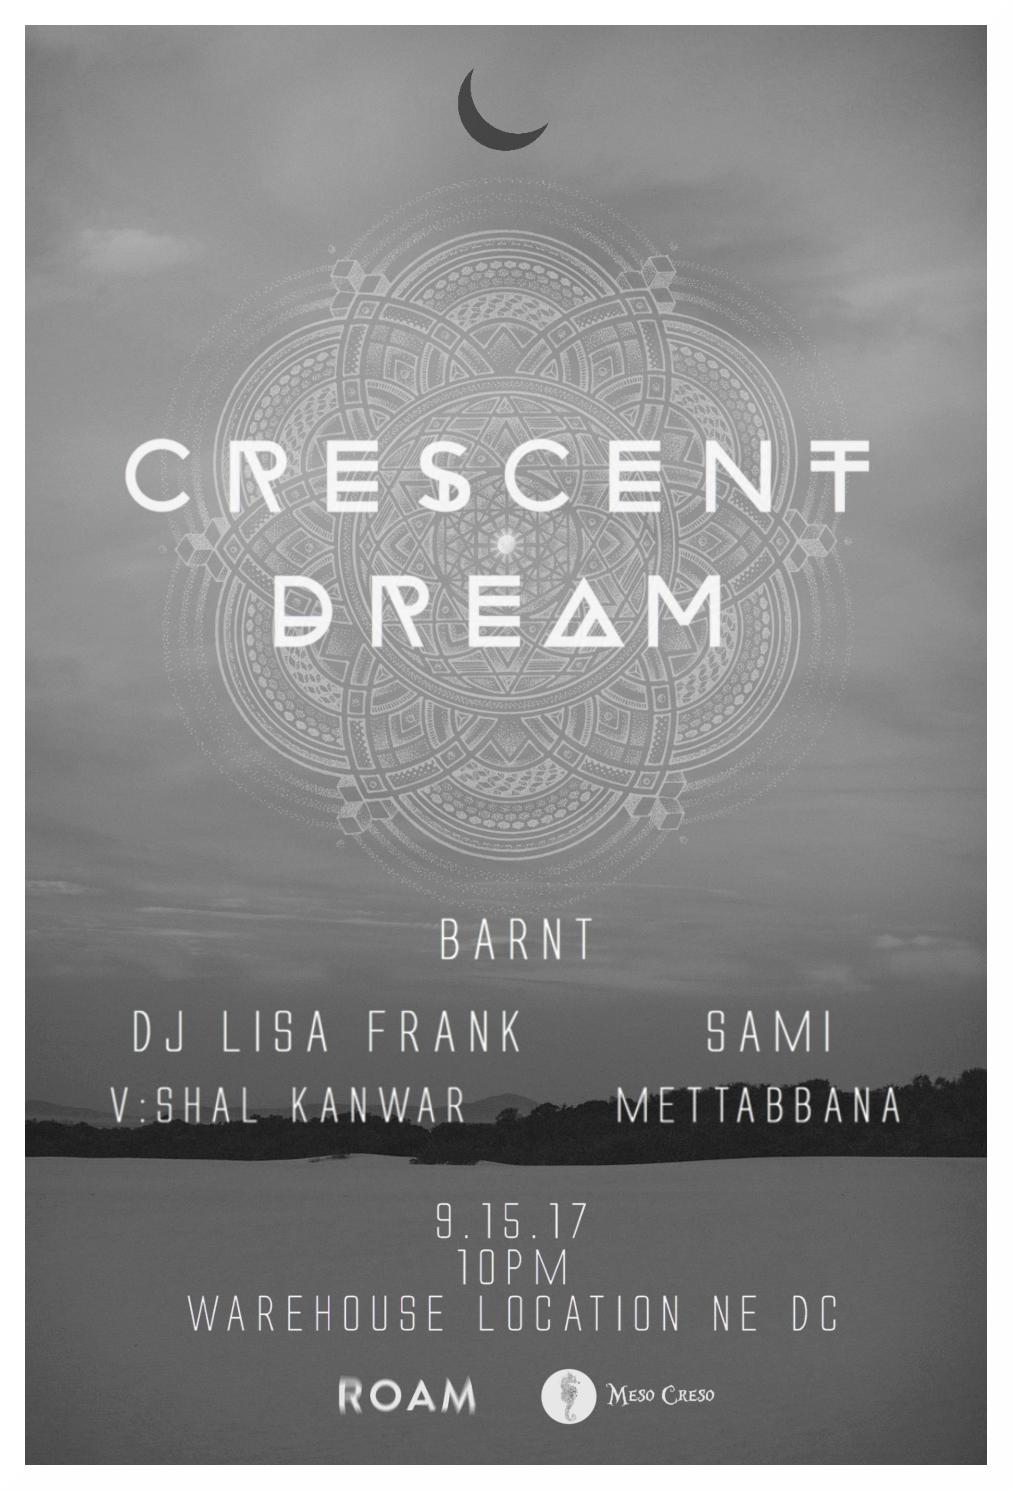 Crescent Dream: Barnt event thumbnail